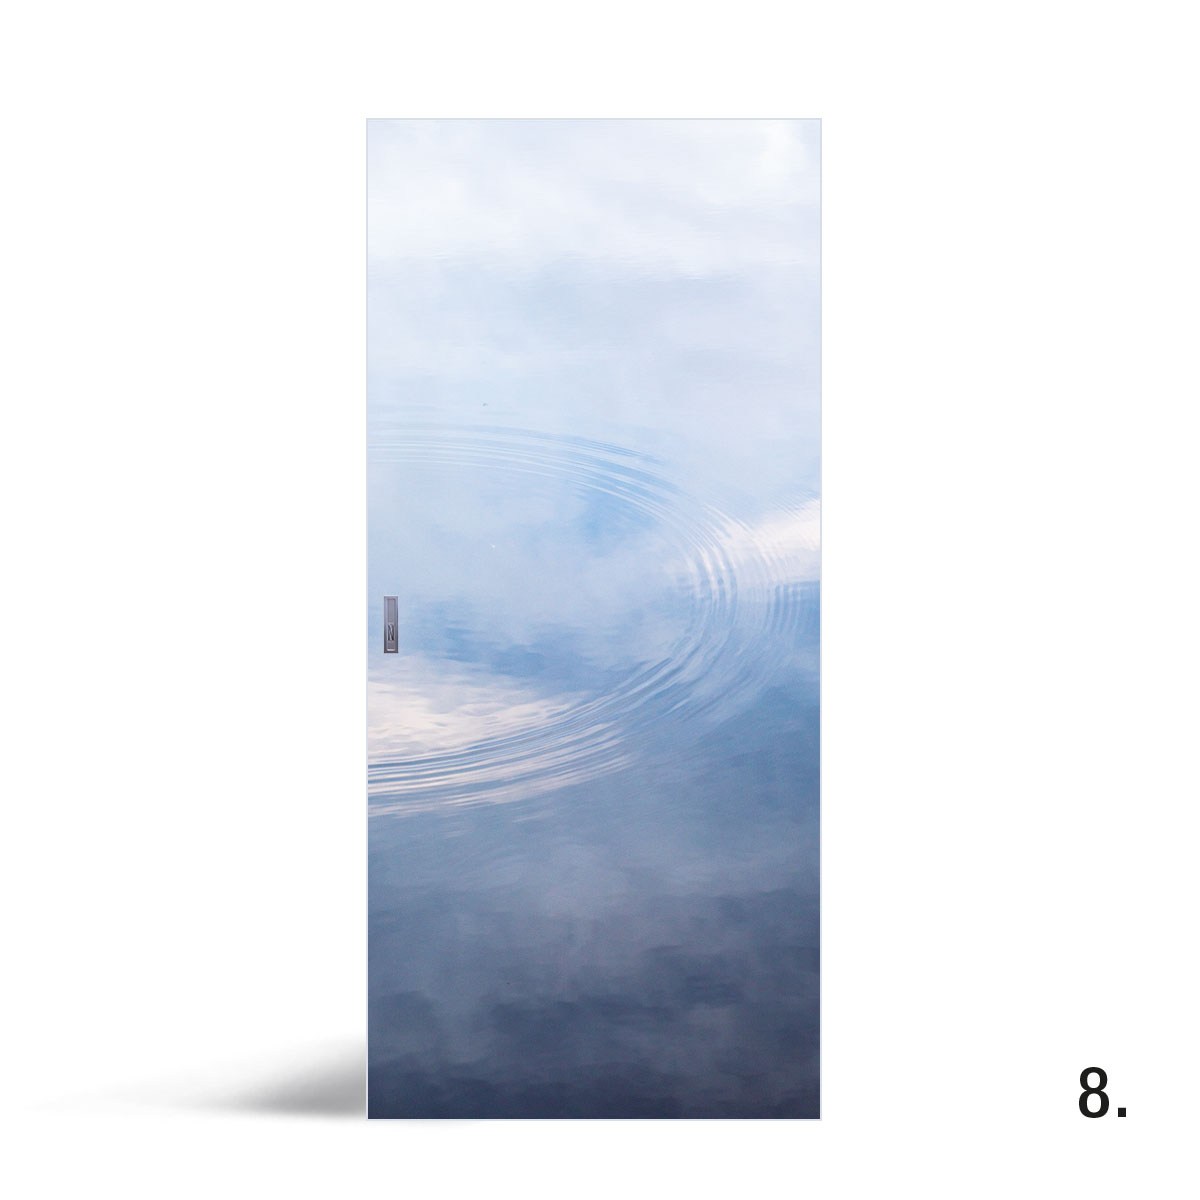 Liune Taide - D20 by Nina Kellokoski - Pisara I yksilehtinen